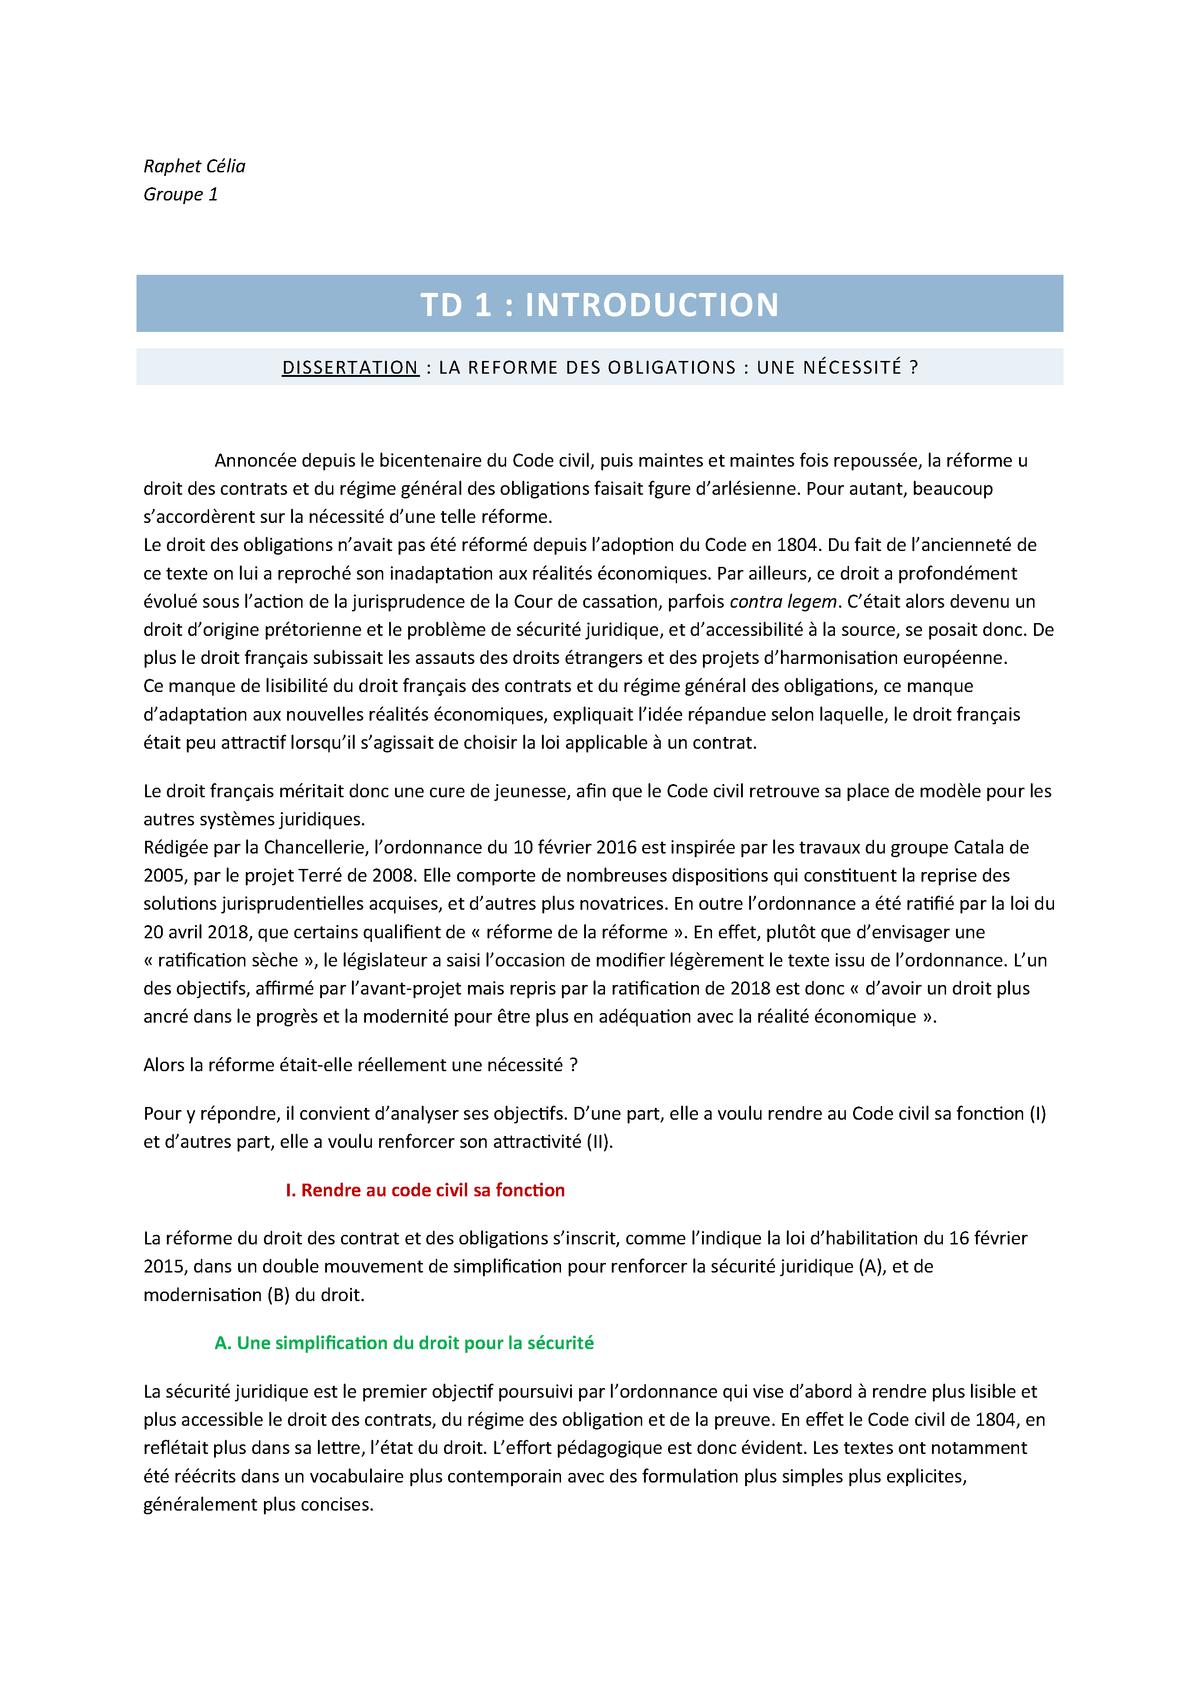 Td 1 Dissertation La Reforme Des Obligations Une Necessite Studocu